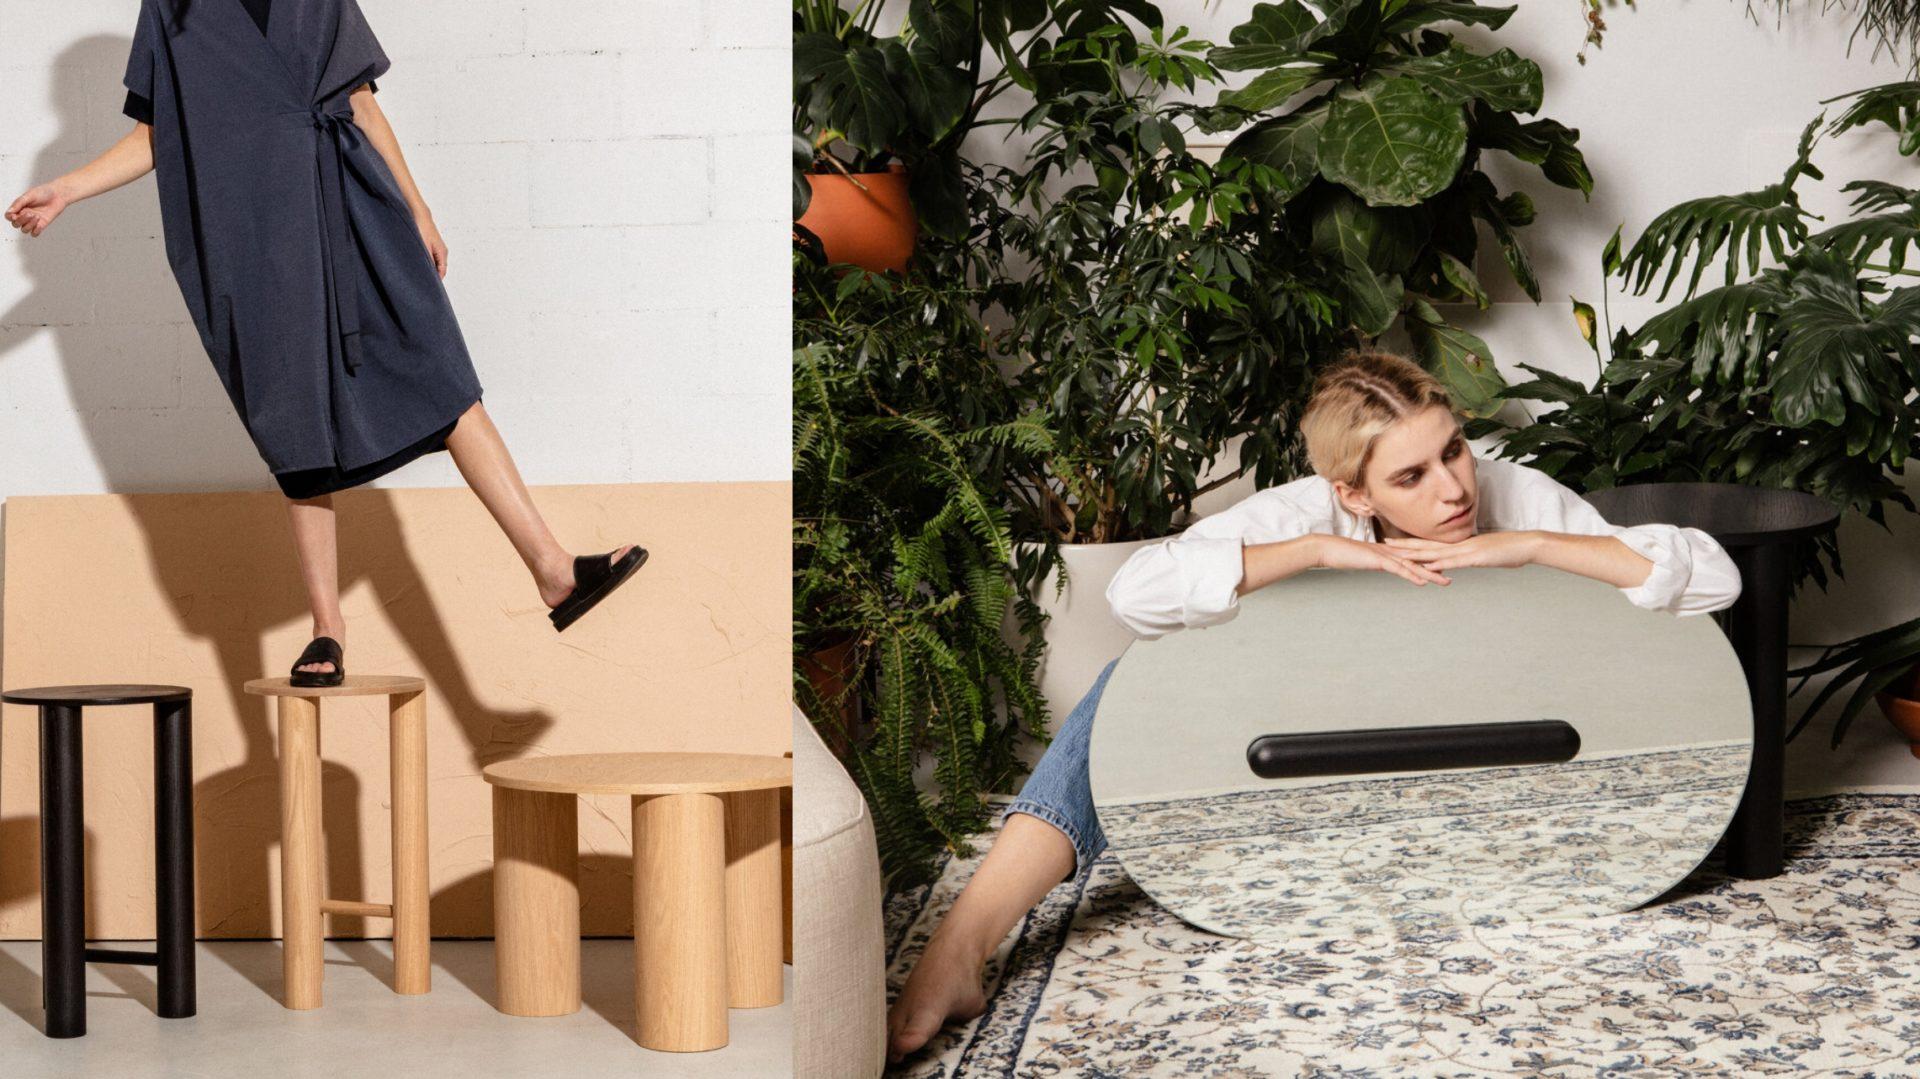 ALLSTUDIO lance sa gamme de mobilier et on veut TOUT acheter! [PHOTOS]